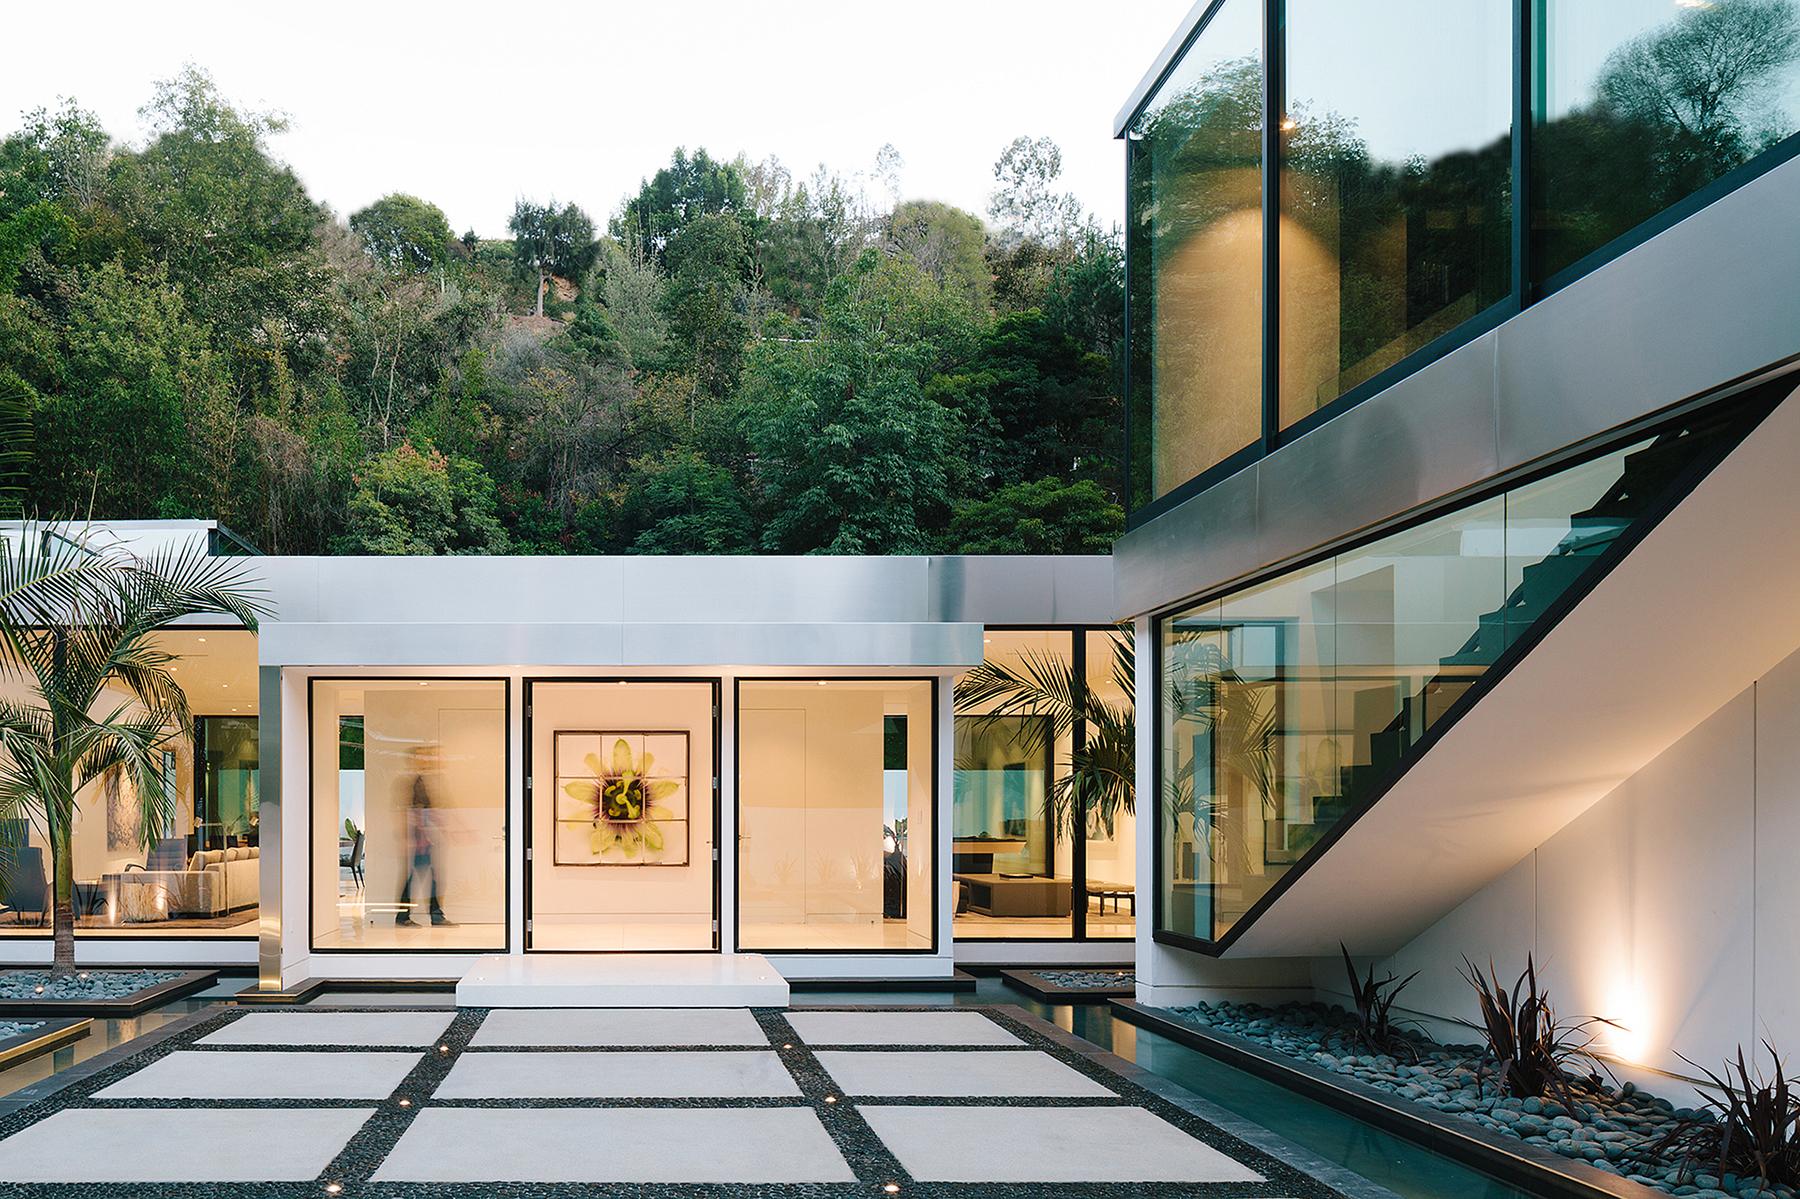 belzberg-architect-Rising-Glen-Residence-102.jpg